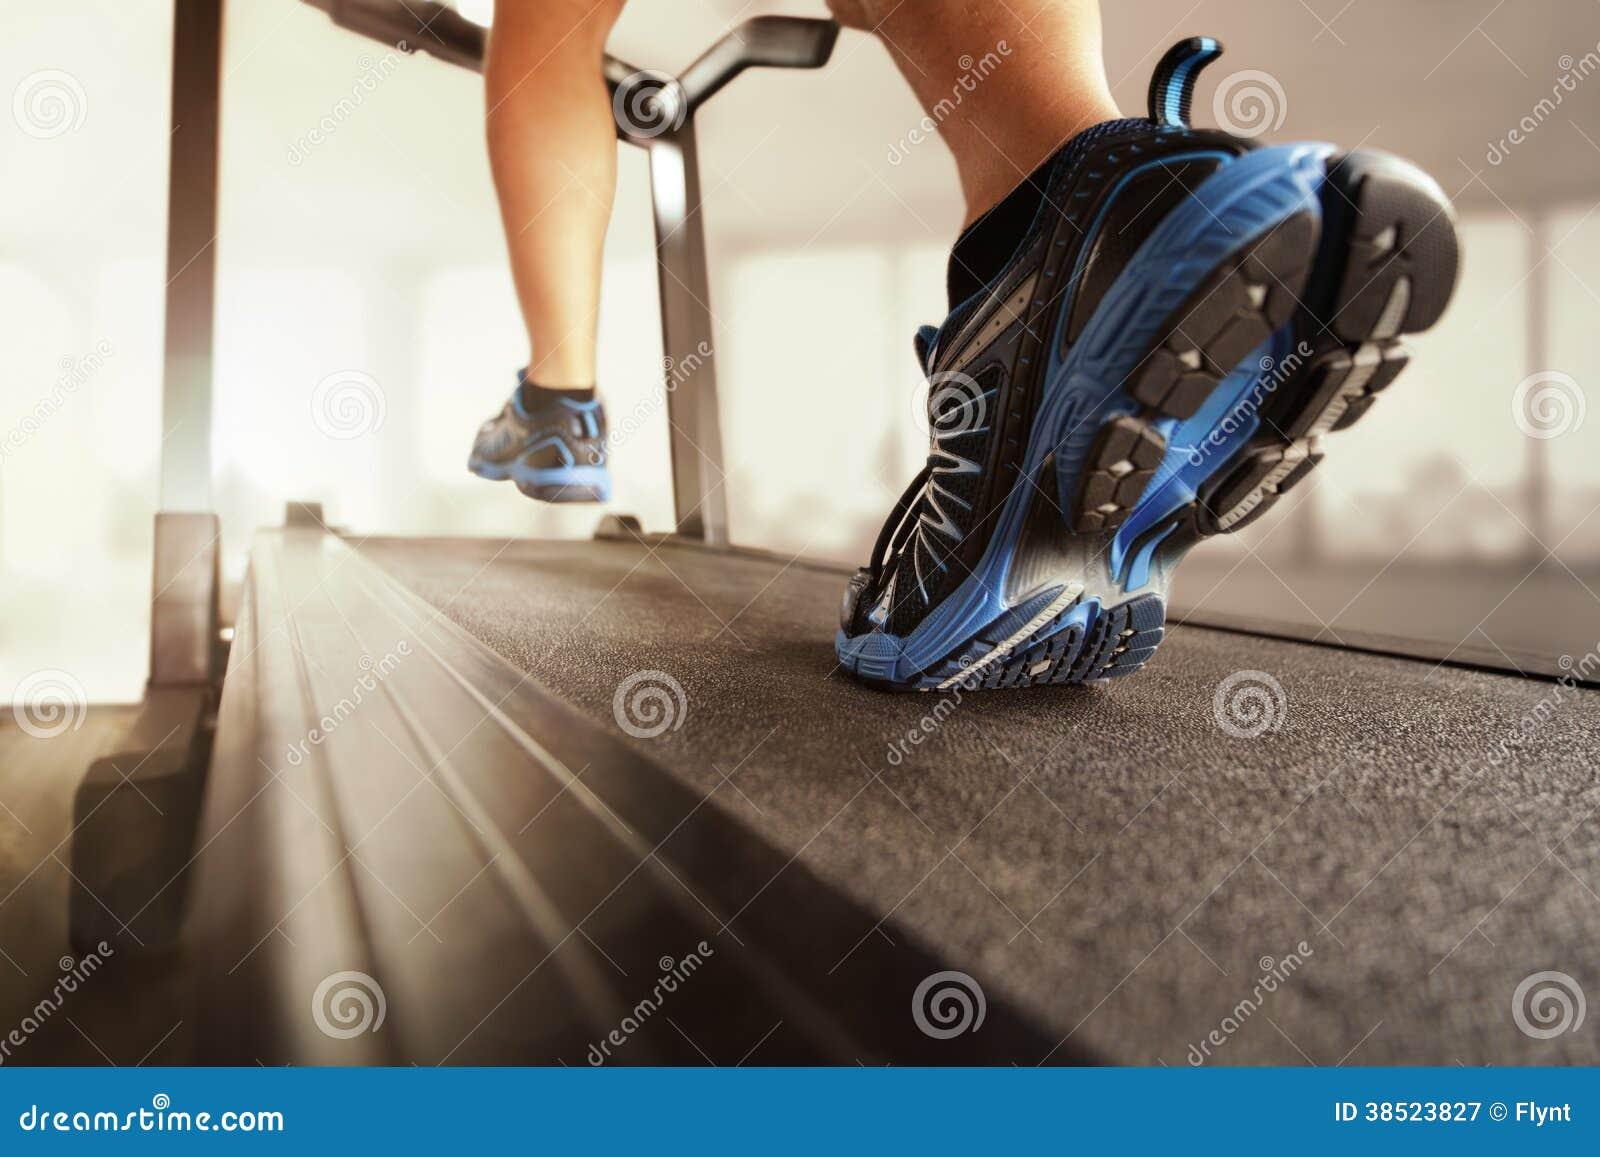 Laufen in eine Turnhalle auf Tretmühle